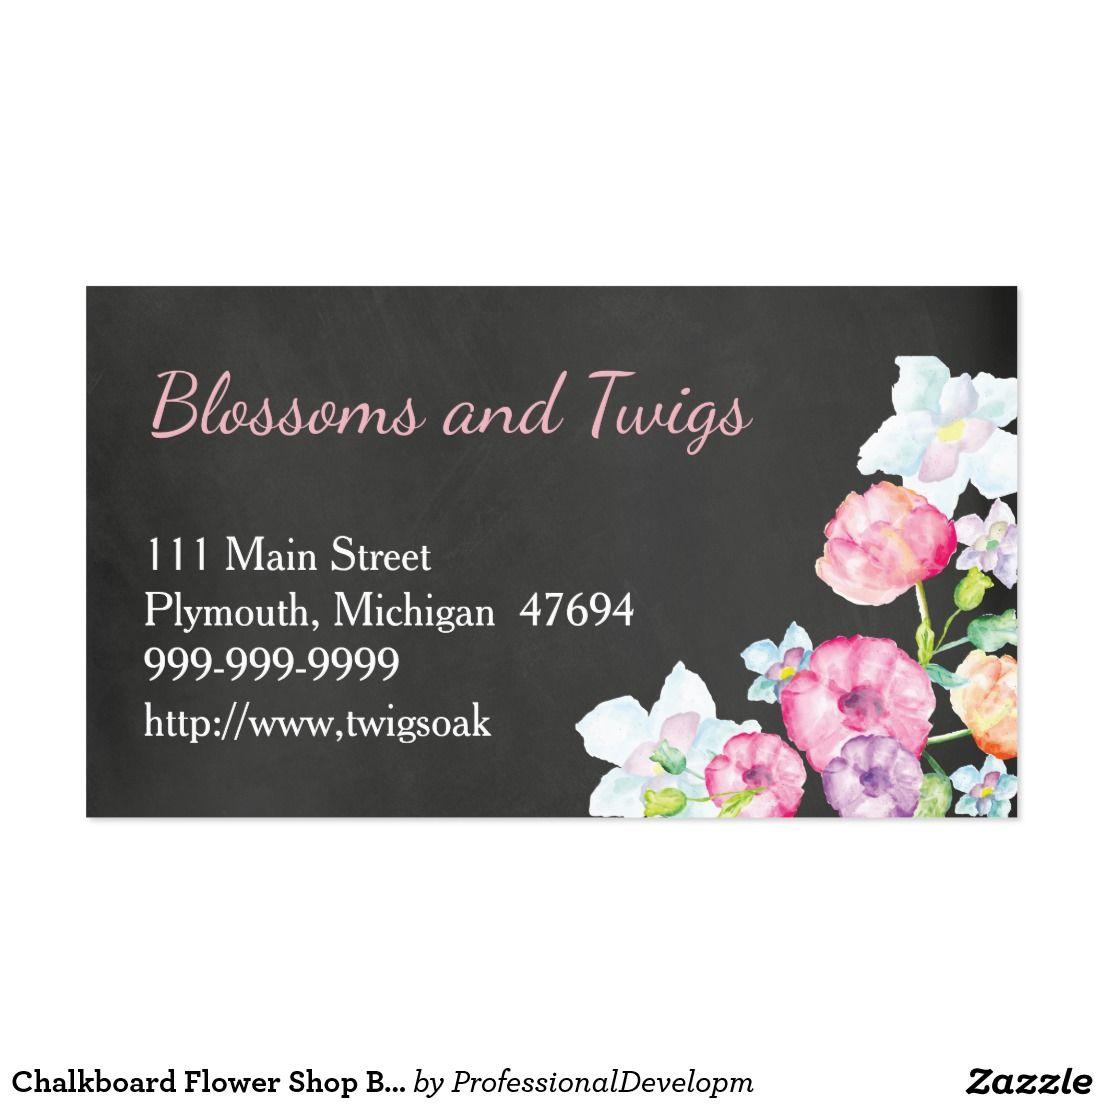 Chalkboard Flower Shop Business Card Watercolor Zazzle Com Chalkboard Wedding Invitations Chalkboard Flowers Business Cards Watercolor